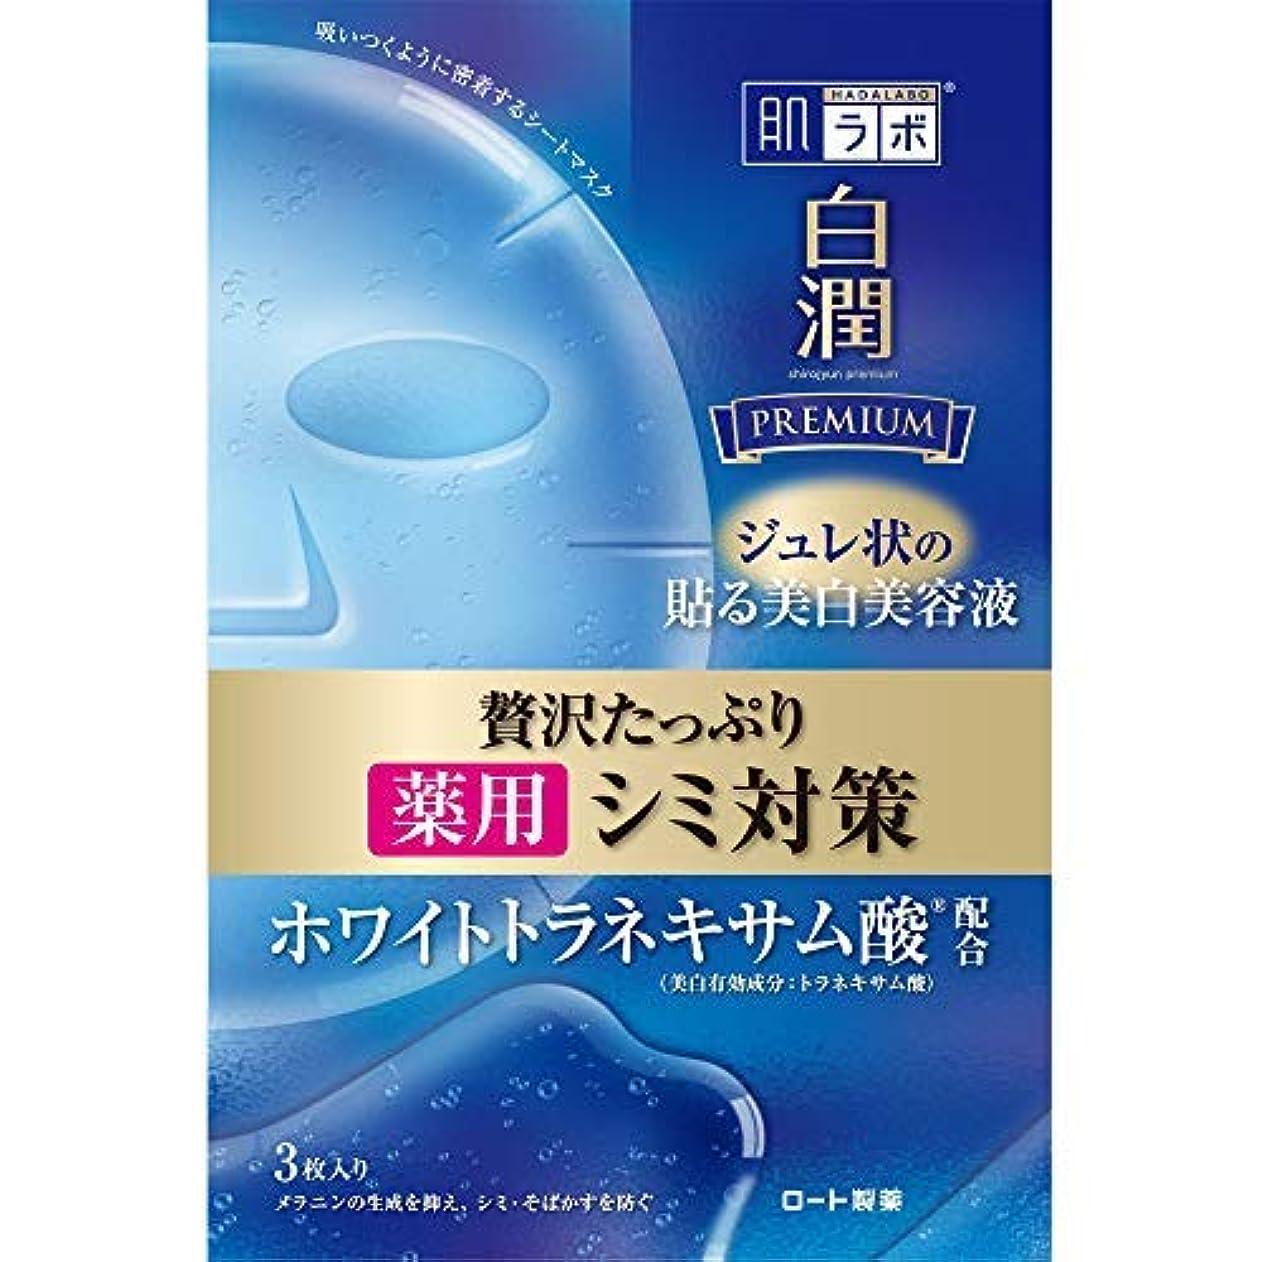 おっとデモンストレーションクレーター肌ラボ 白潤プレミアム 薬用浸透美白ジュレマスク × 3個セット